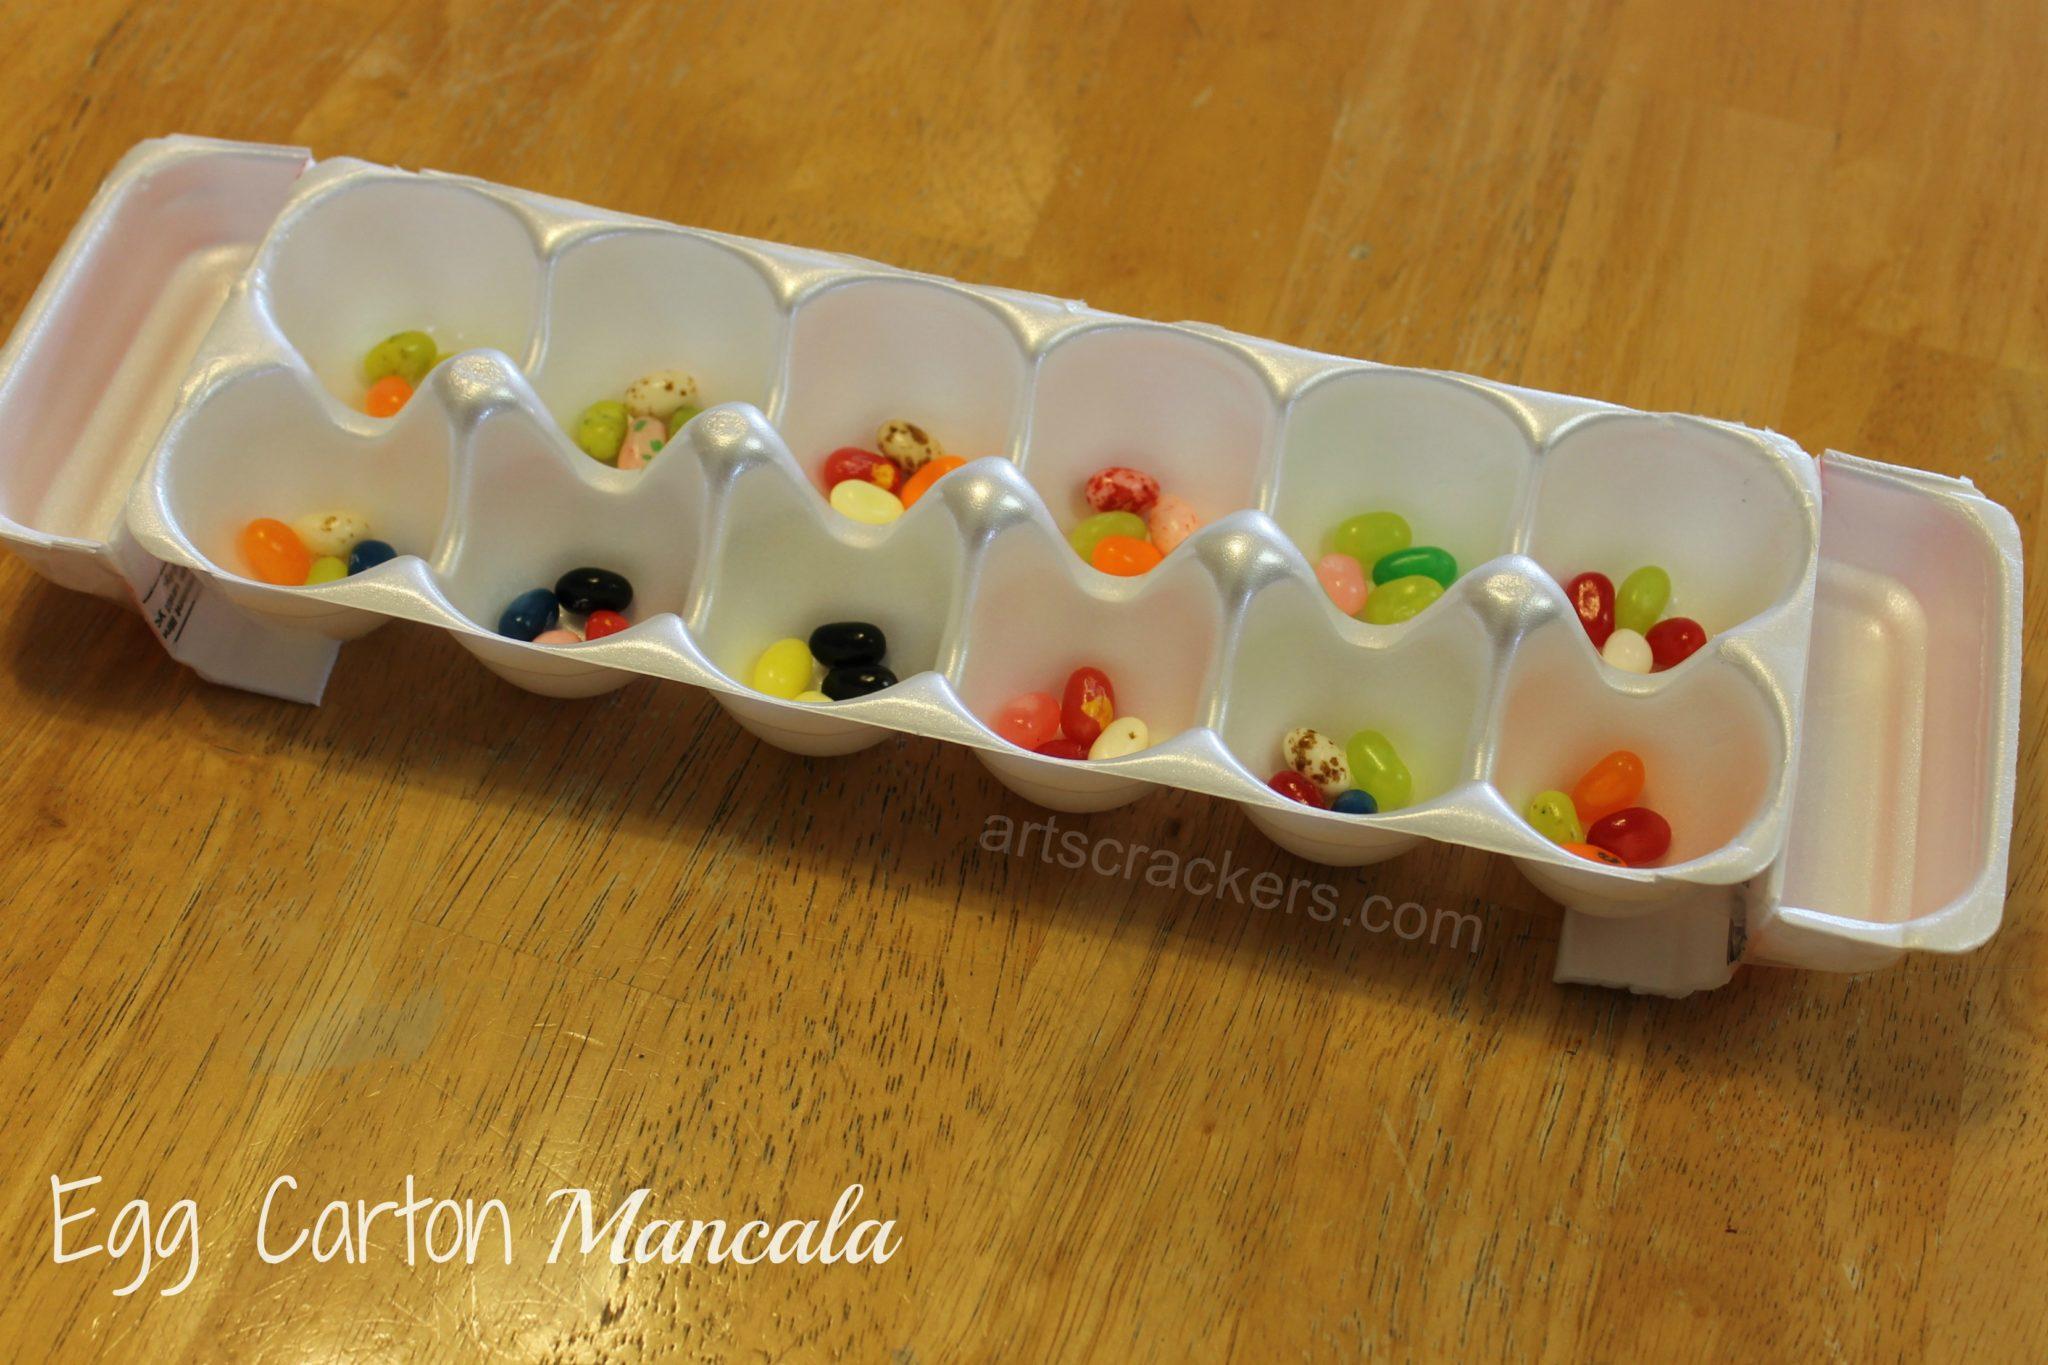 DIY Egg Carton Mancala Game